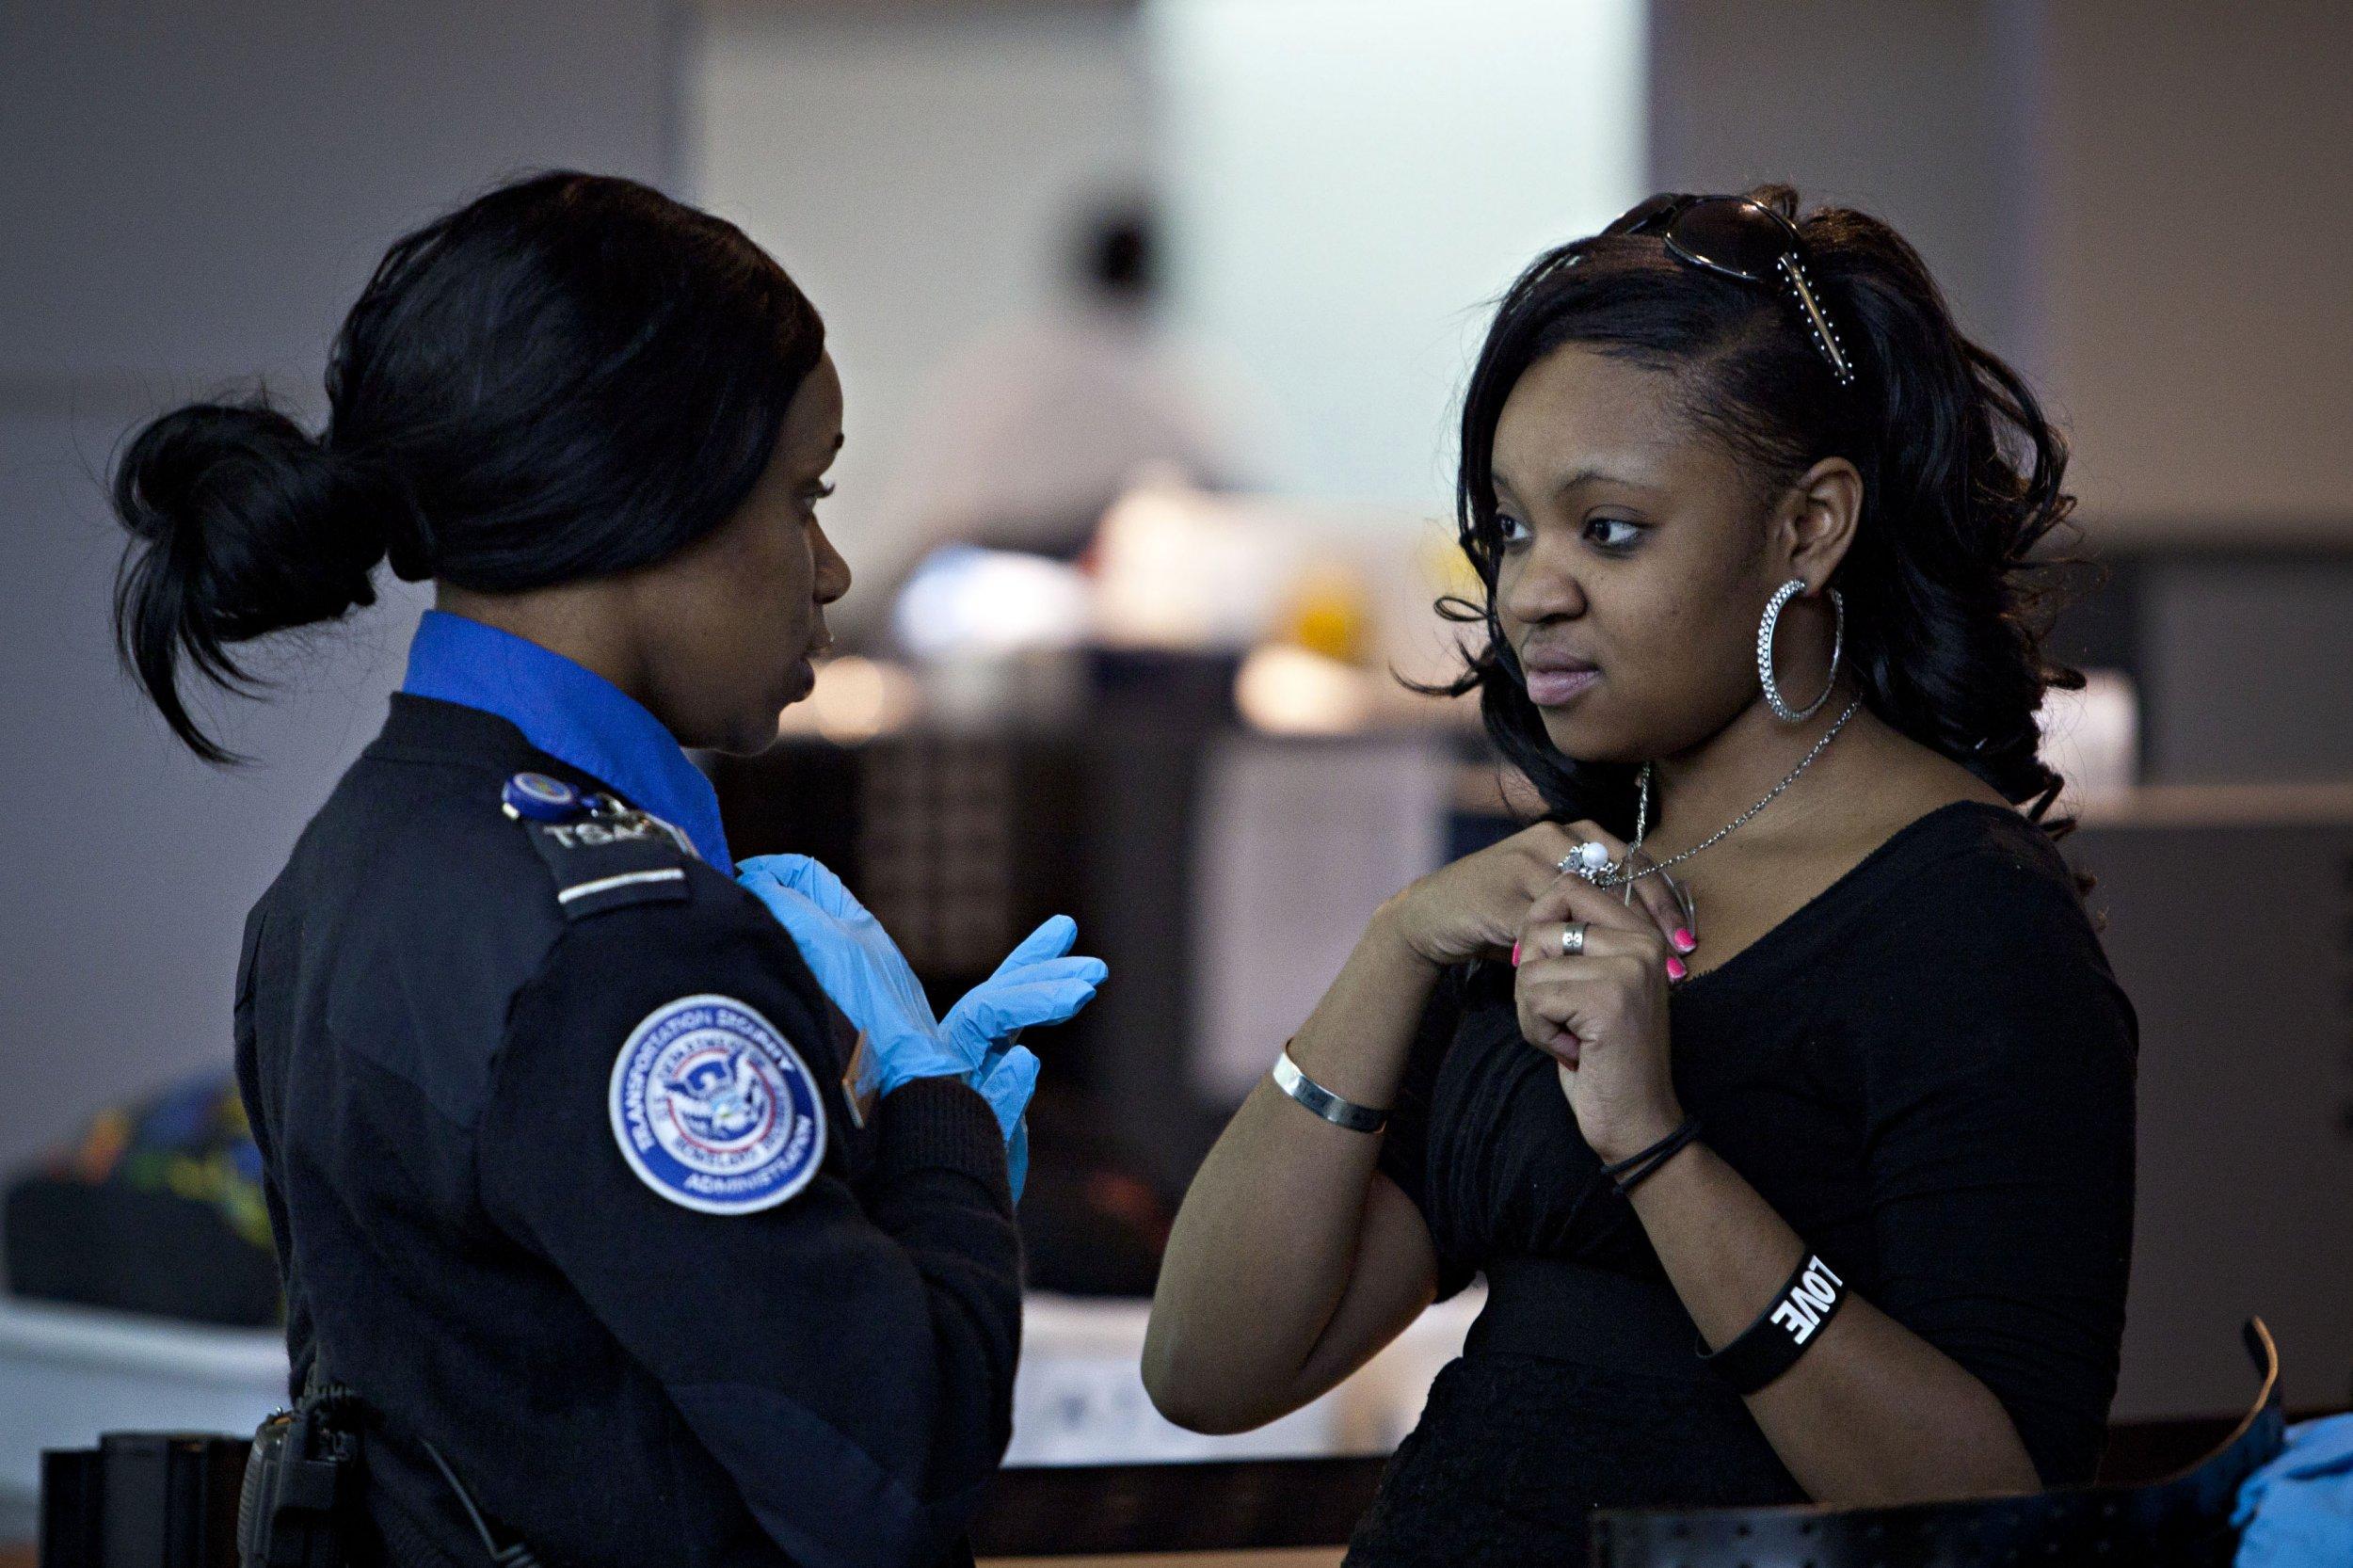 05_14_TSA_Hostage_01